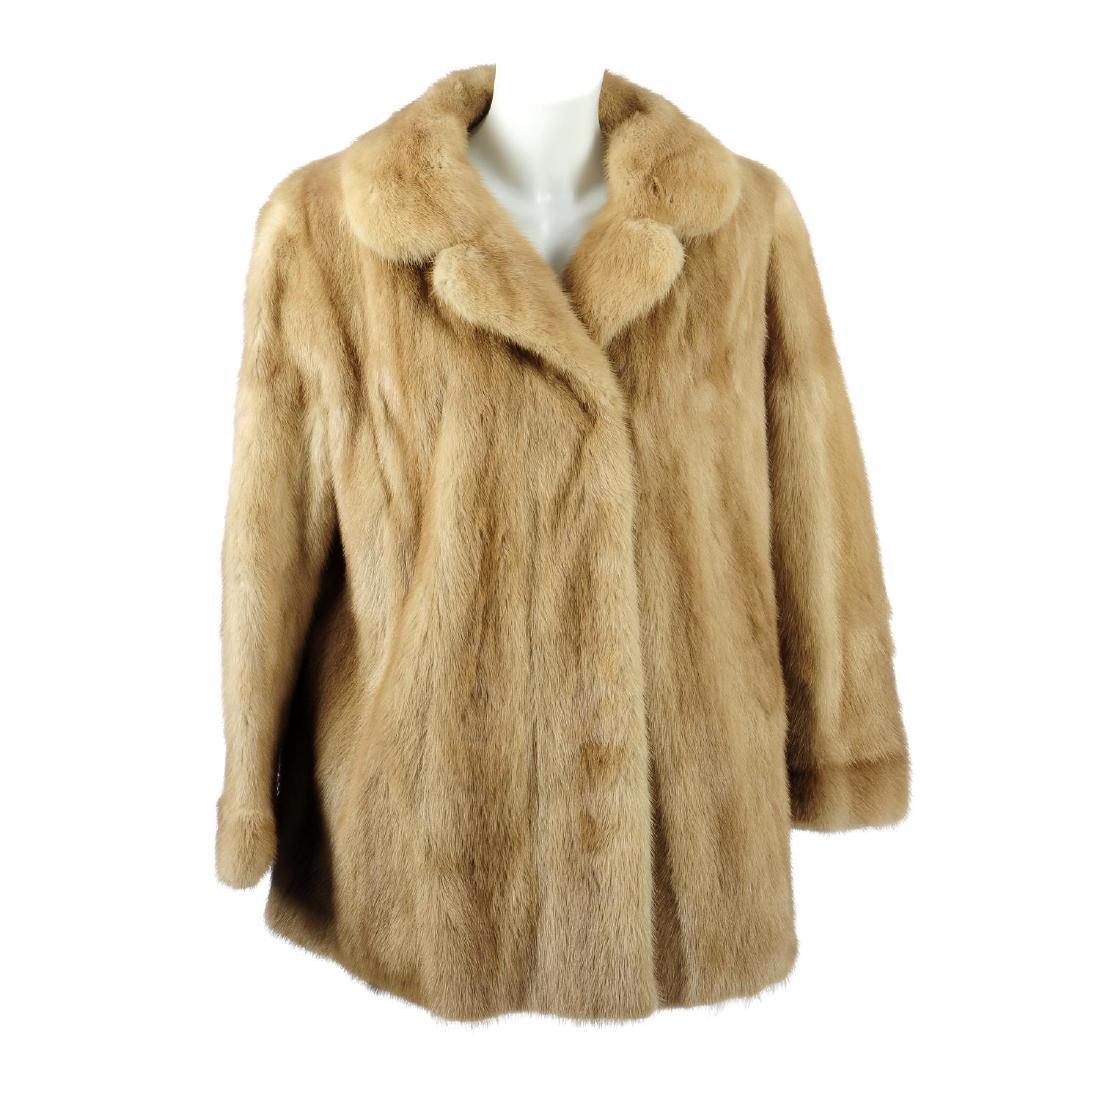 A three-quarter length palomino mink coat. Designed